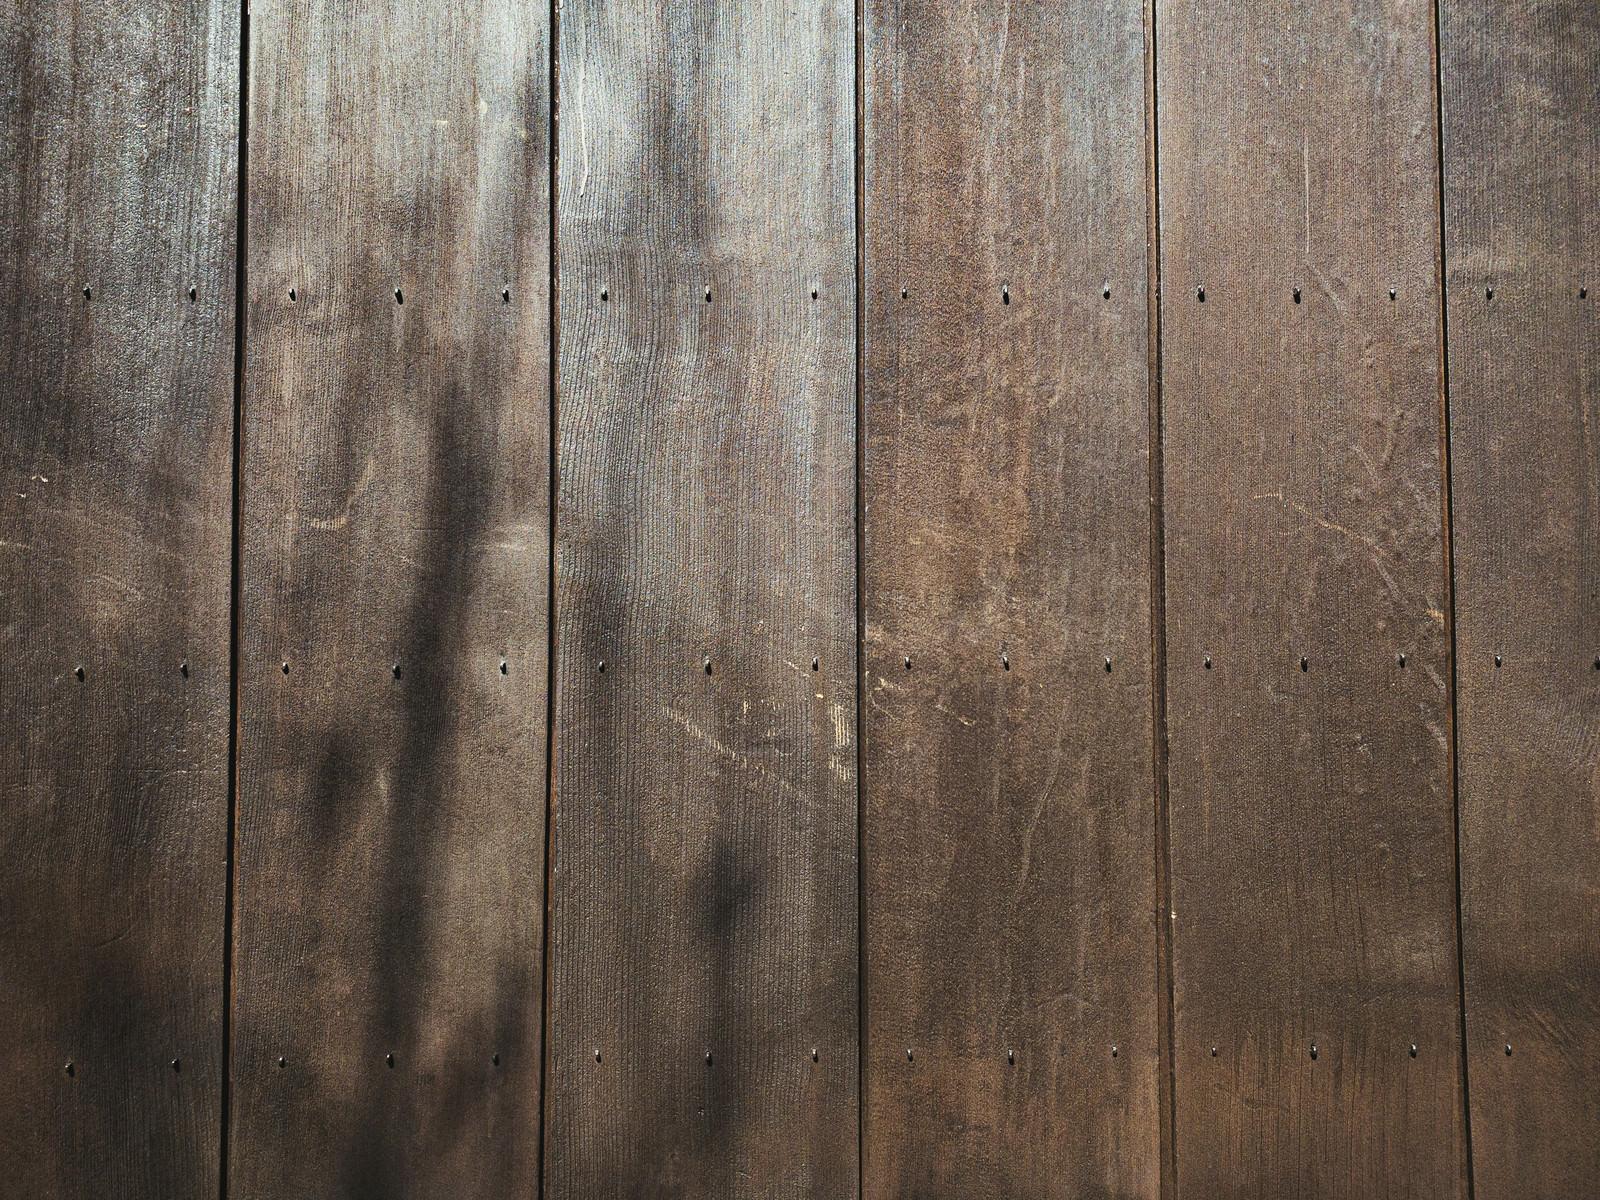 「板壁に映る影(テクスチャ)」の写真